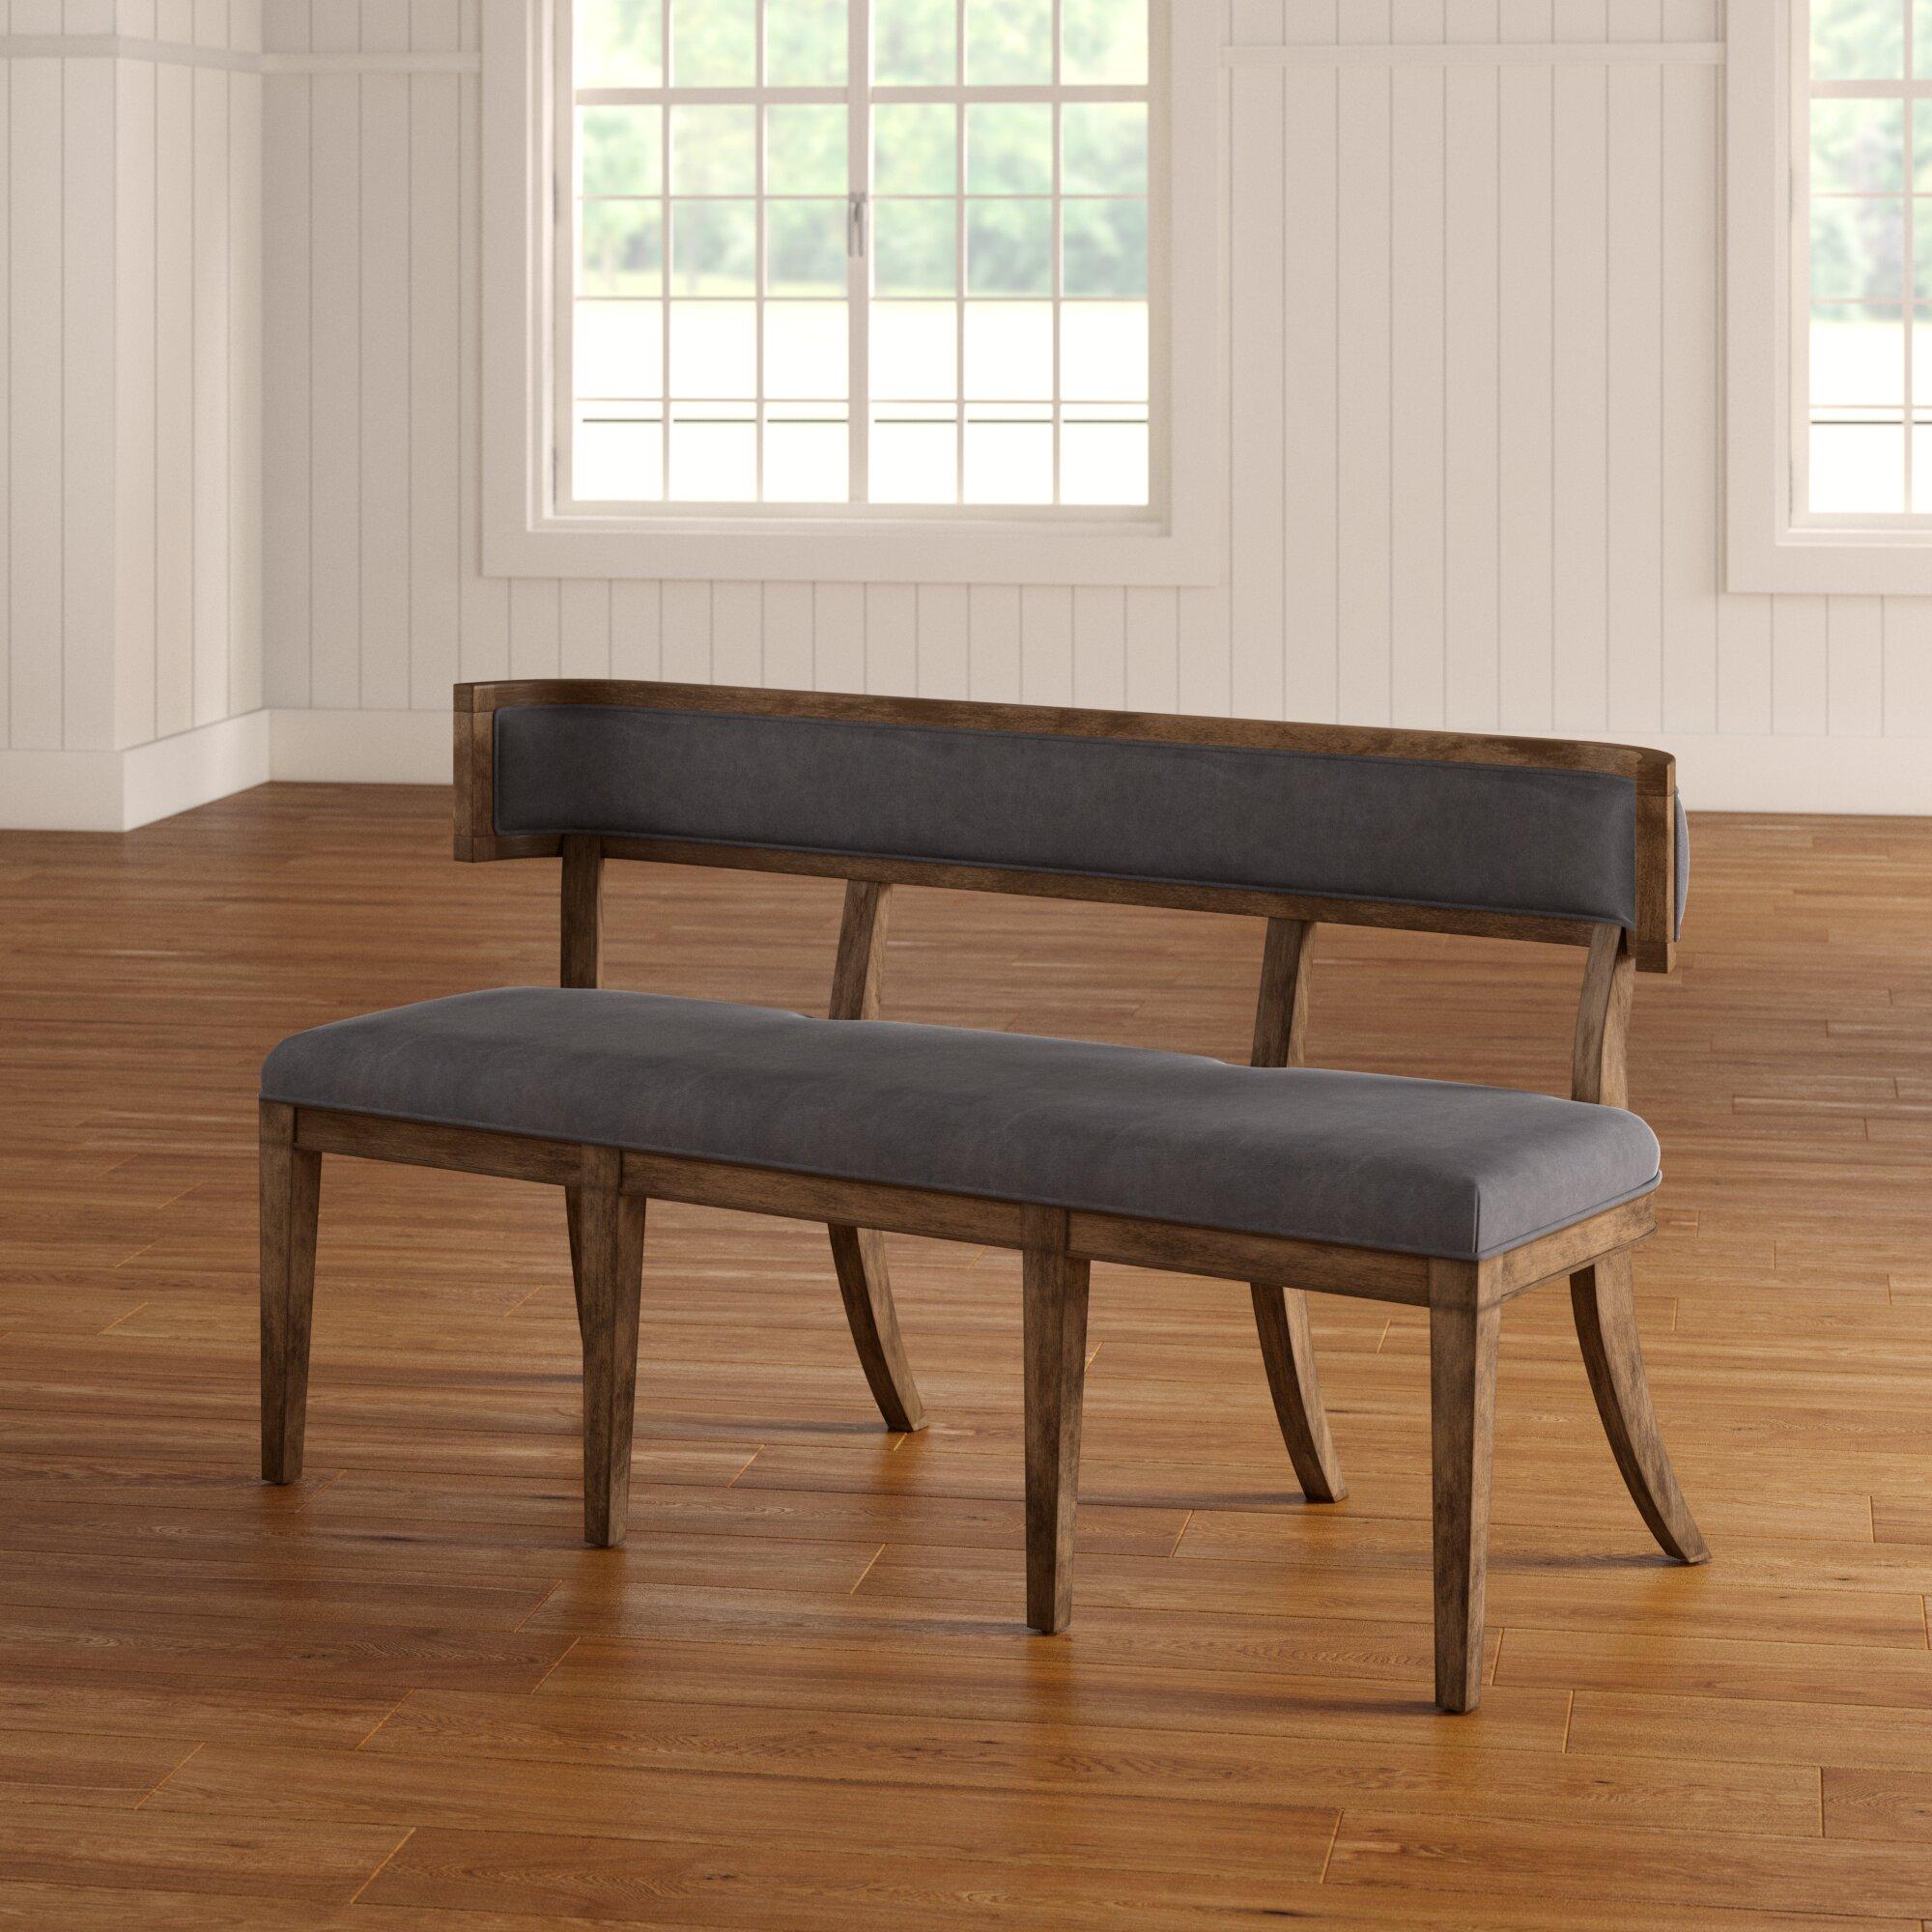 Fantastic Abbigail Upholstered Bench Inzonedesignstudio Interior Chair Design Inzonedesignstudiocom